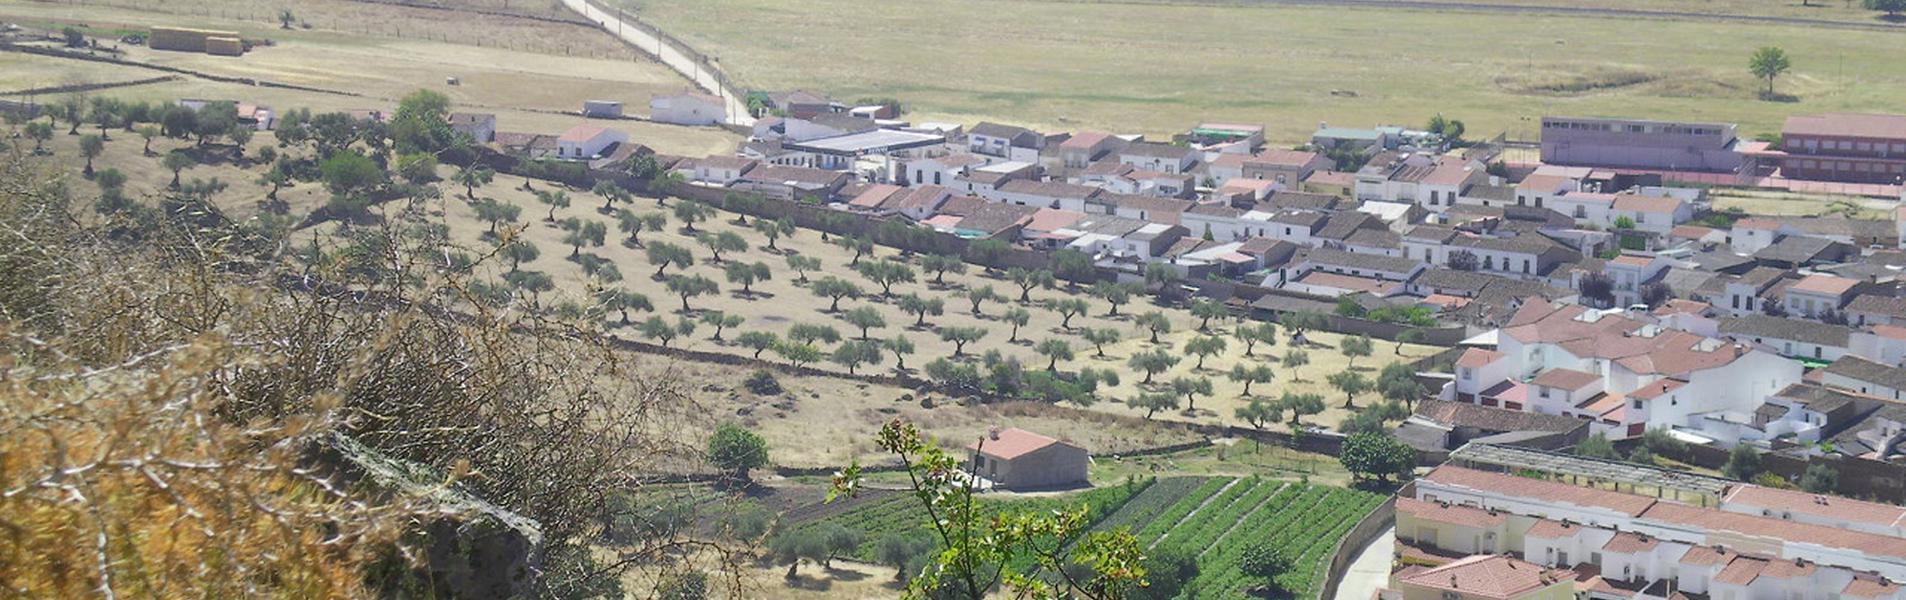 Burguillos del Cerro